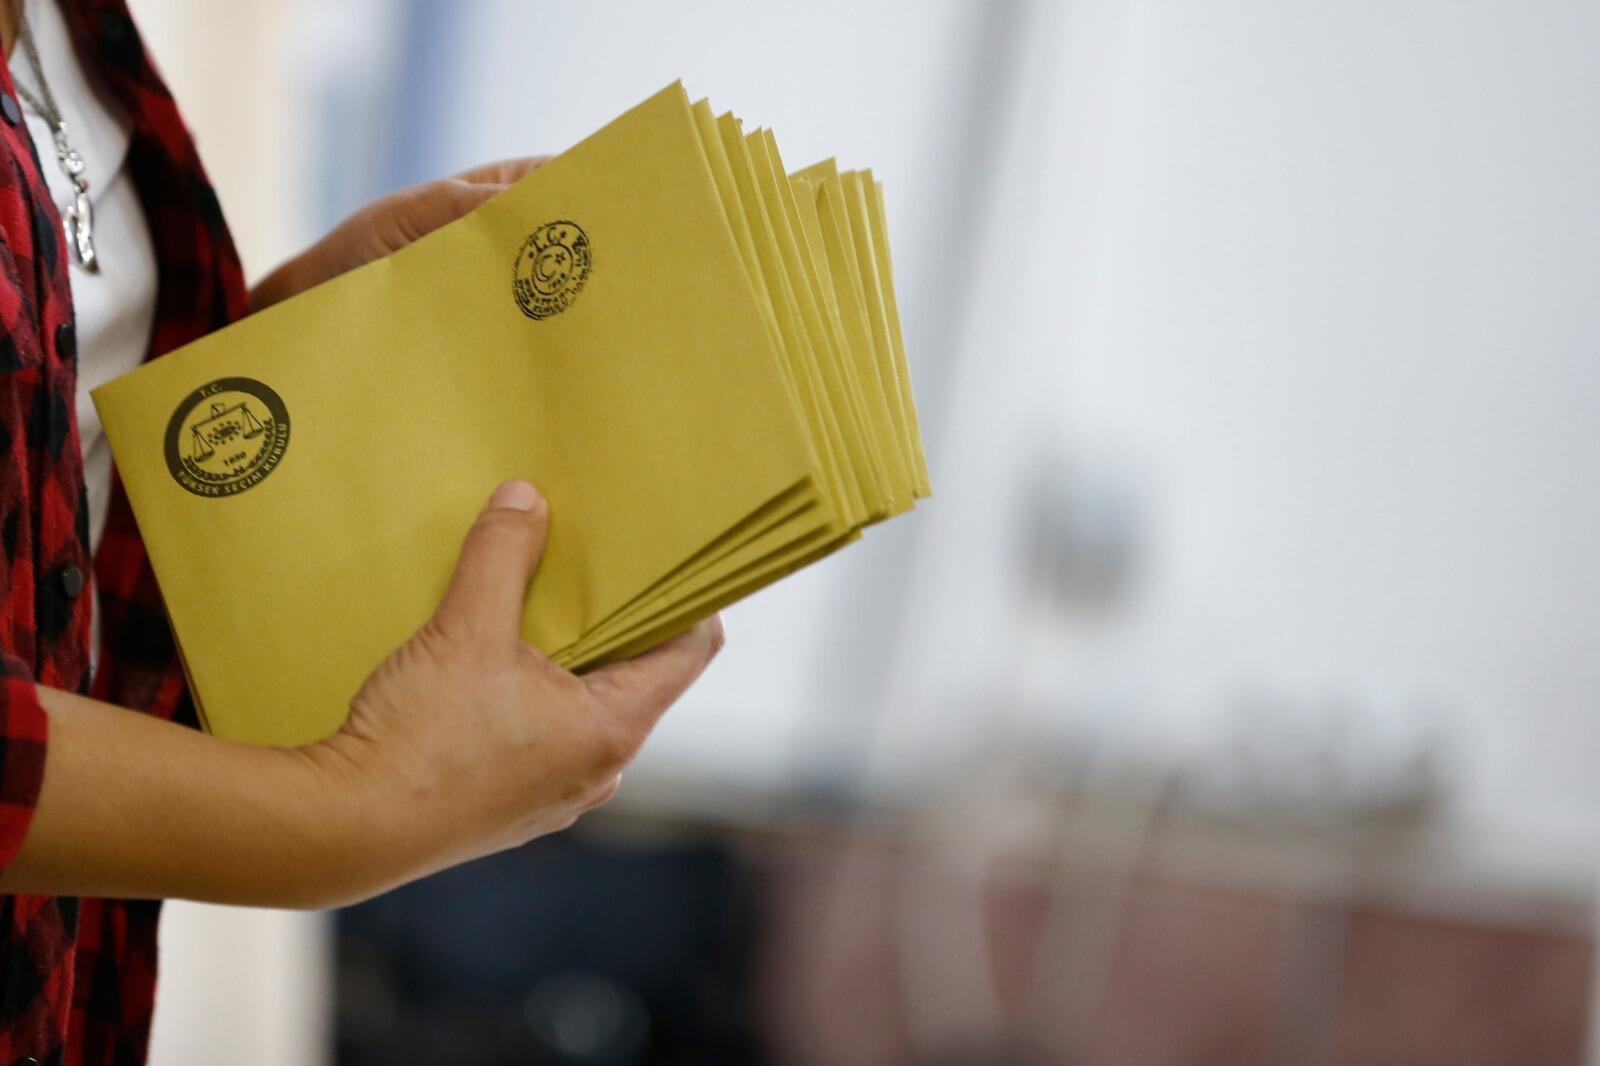 MetroPOLL son seçim anketi sonuçlarını açıkladı